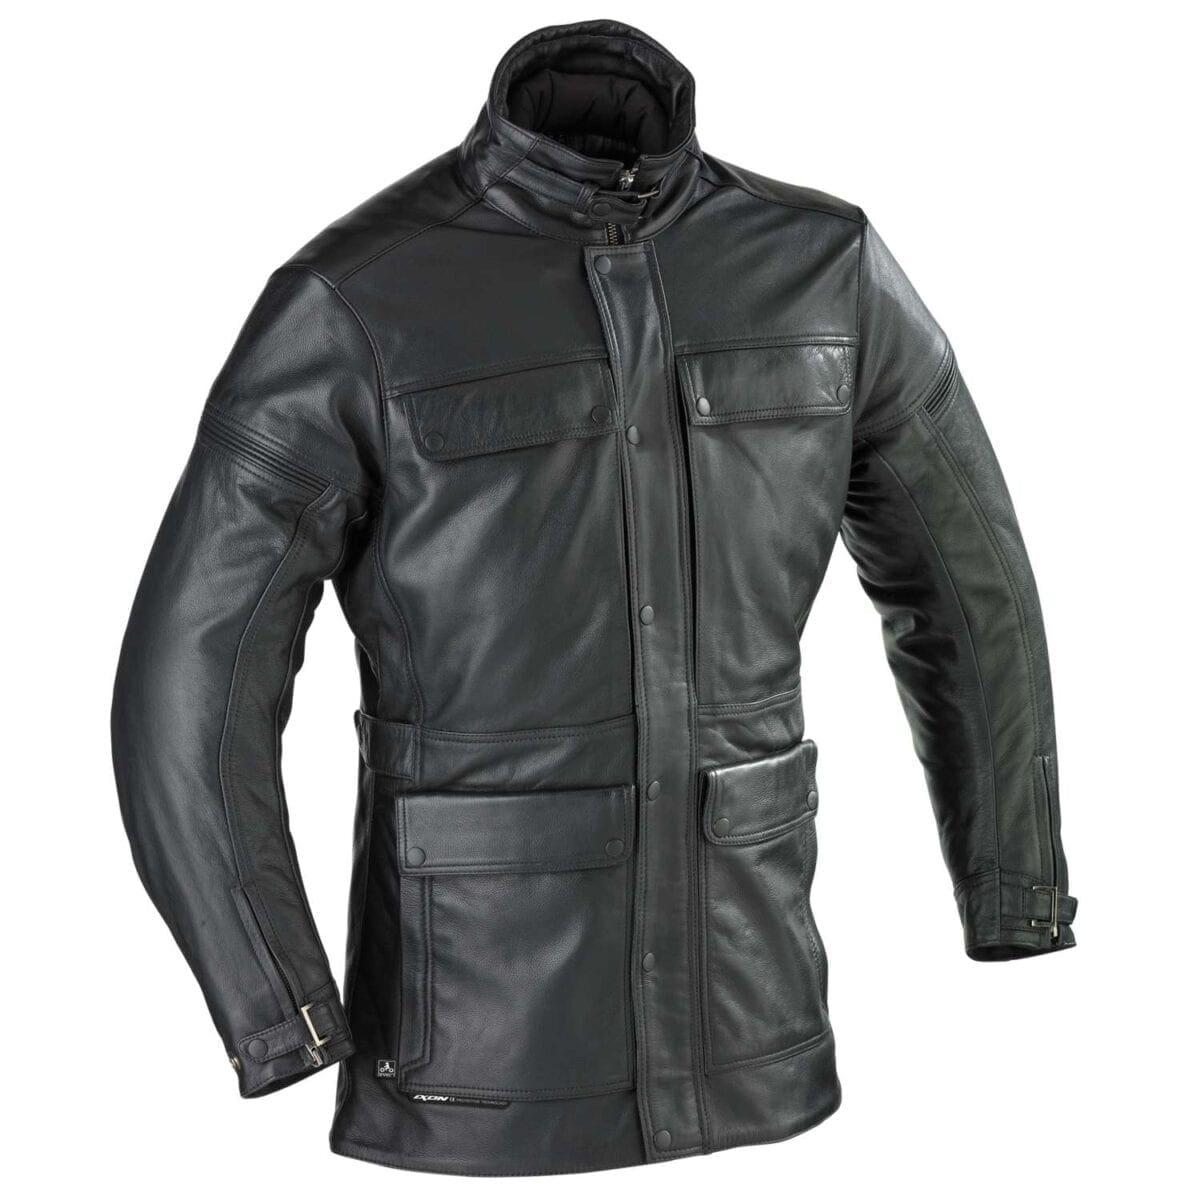 Ixon-Wellington-leather-jacket